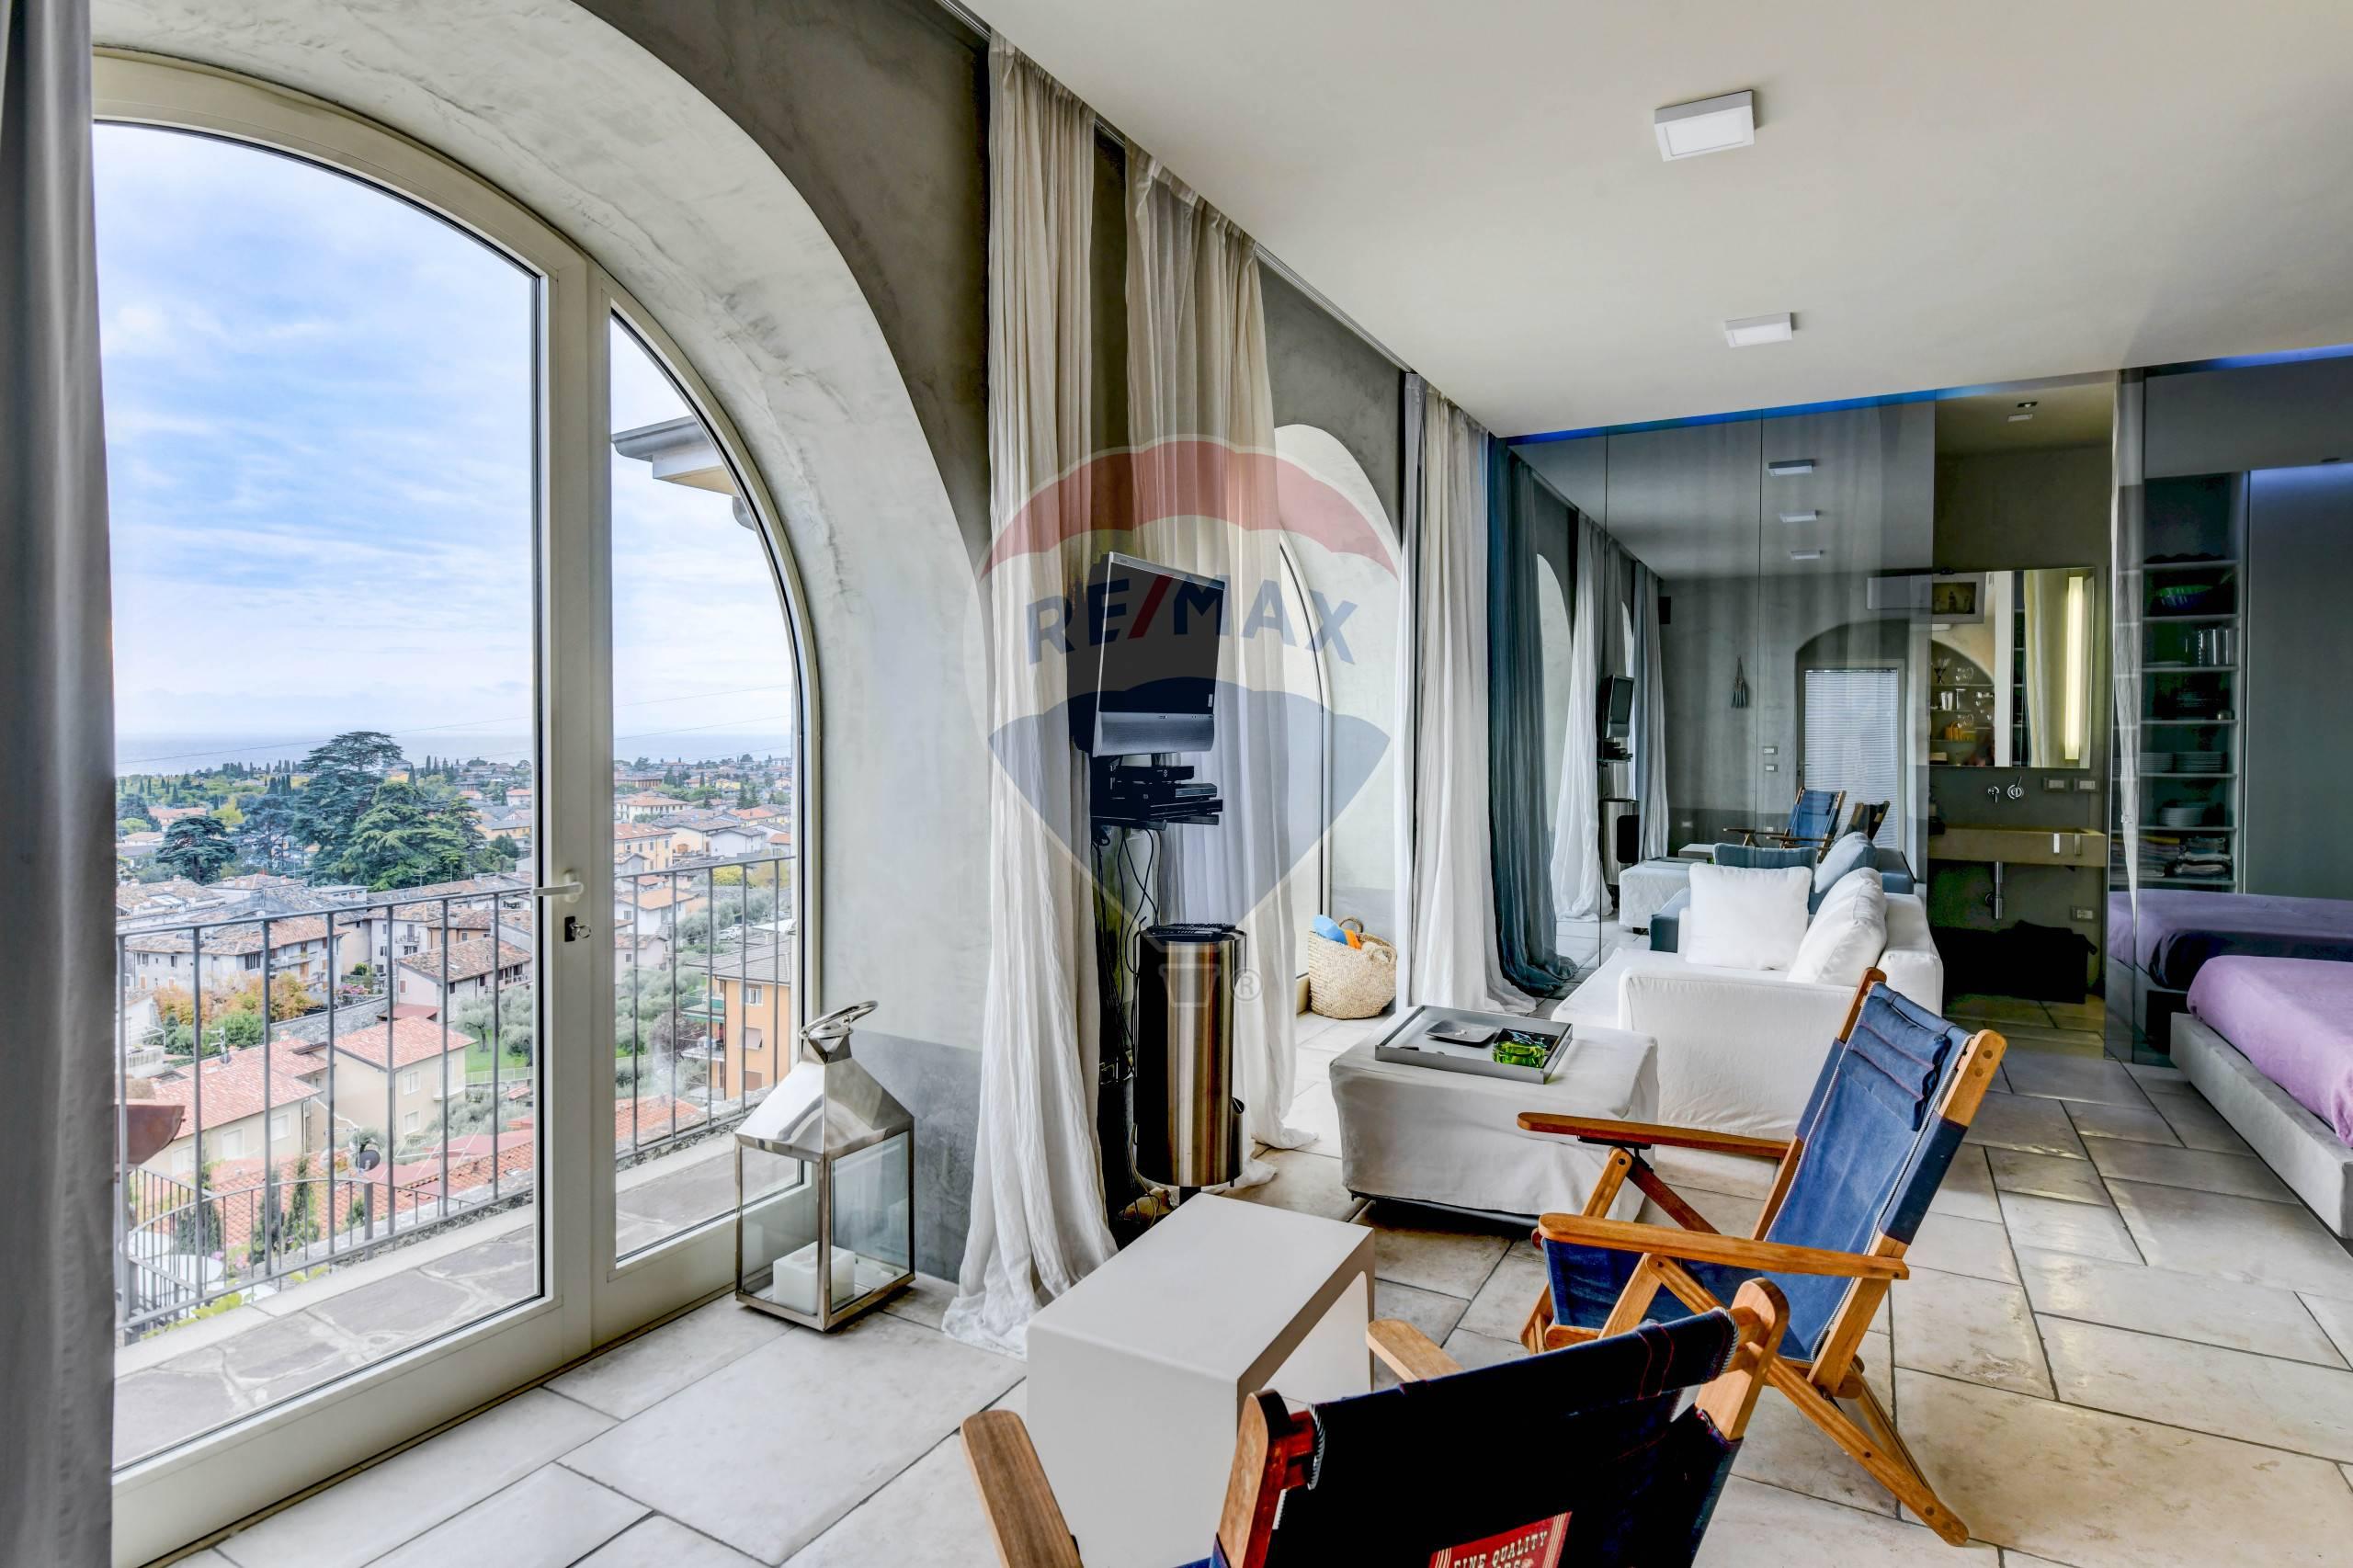 Appartamento in vendita a Toscolano-Maderno, 2 locali, zona Località: MonteMaderno, prezzo € 250.000   PortaleAgenzieImmobiliari.it